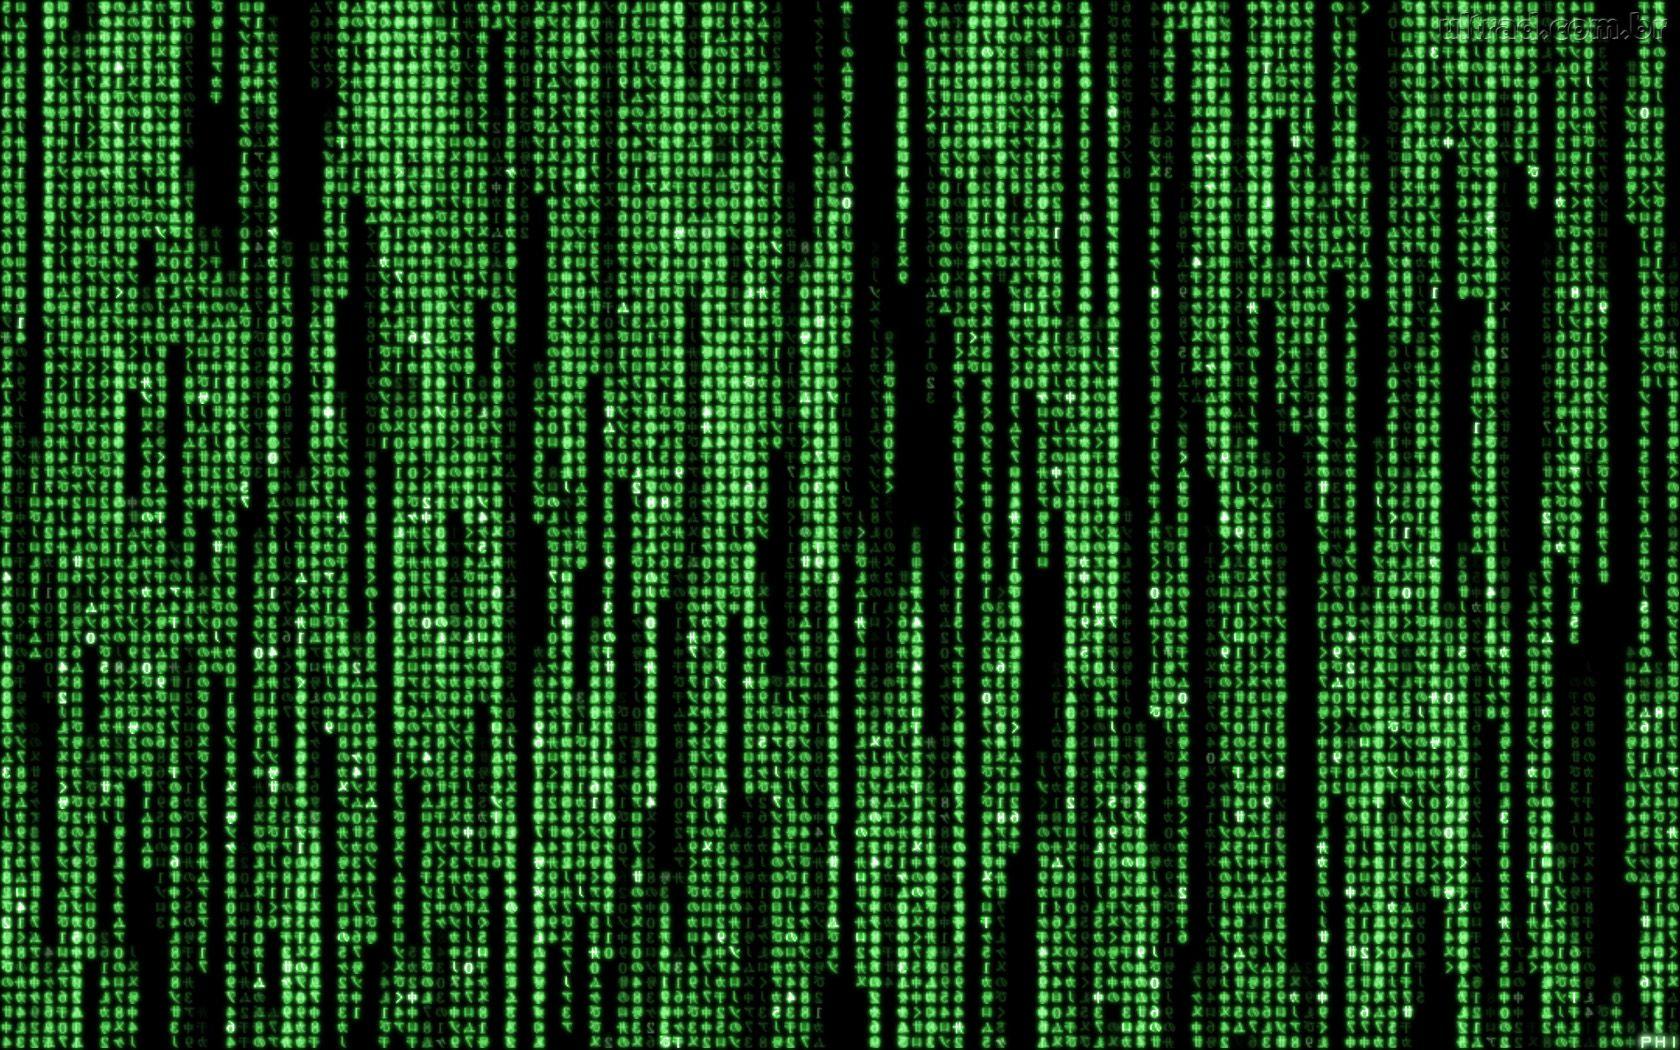 ROL GANZTER - CAPITULO 10 [Con Cariño Desde La Web] 1413474840_matrix-wallpapers